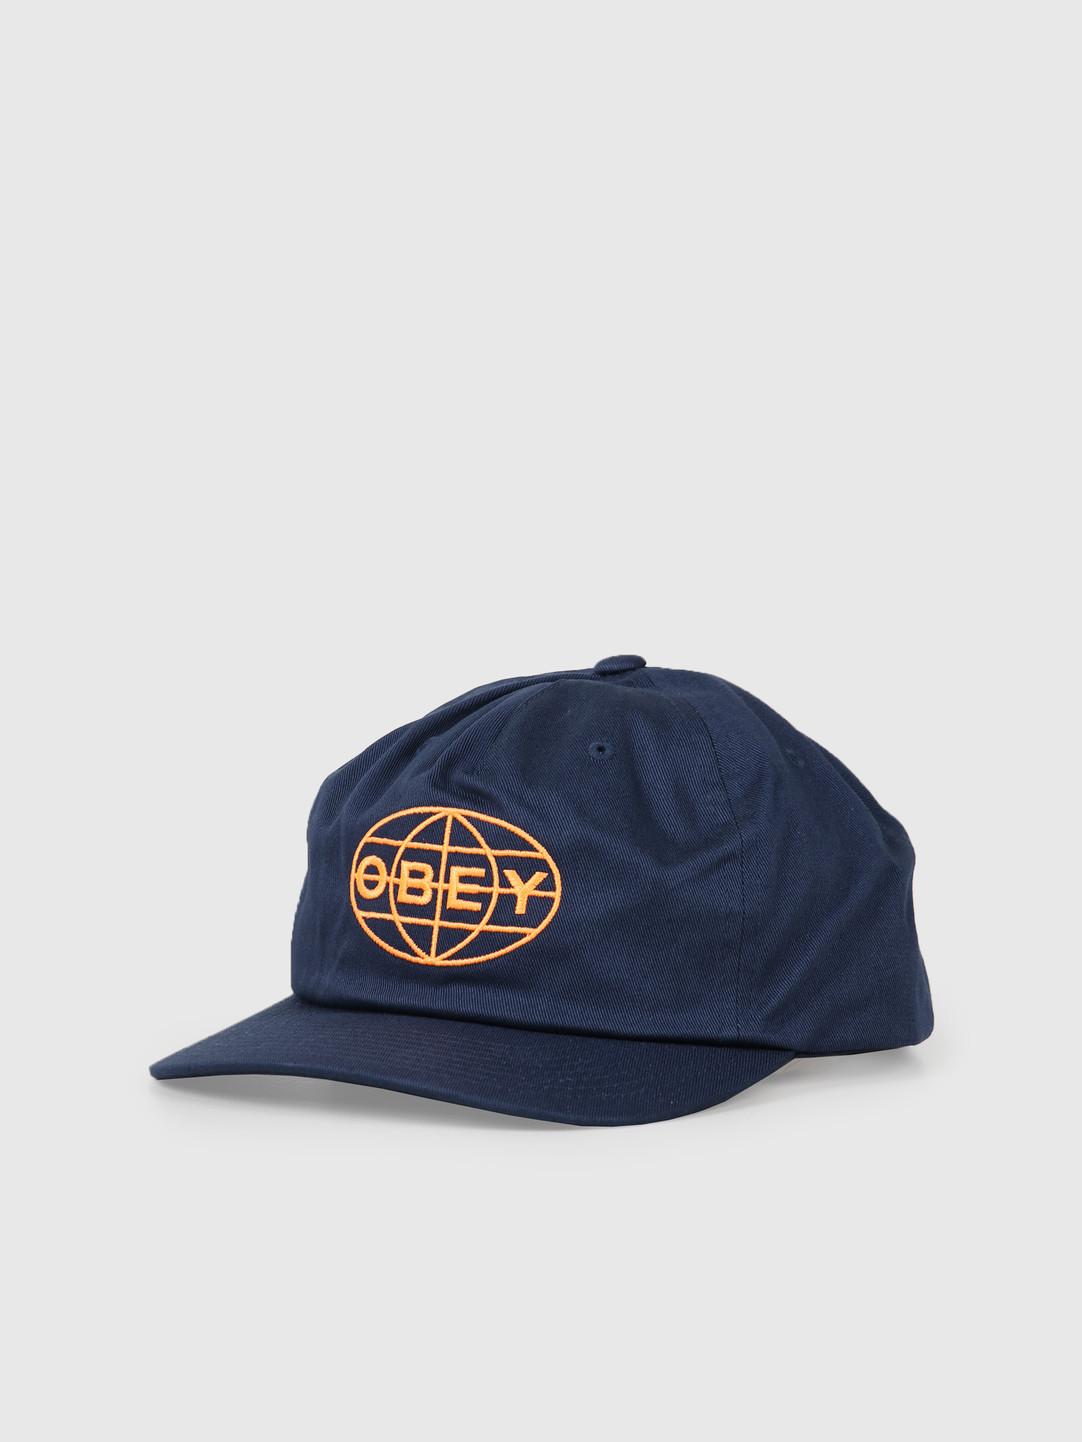 Obey Obey Gravity Snapback Navy 100570103Nvy